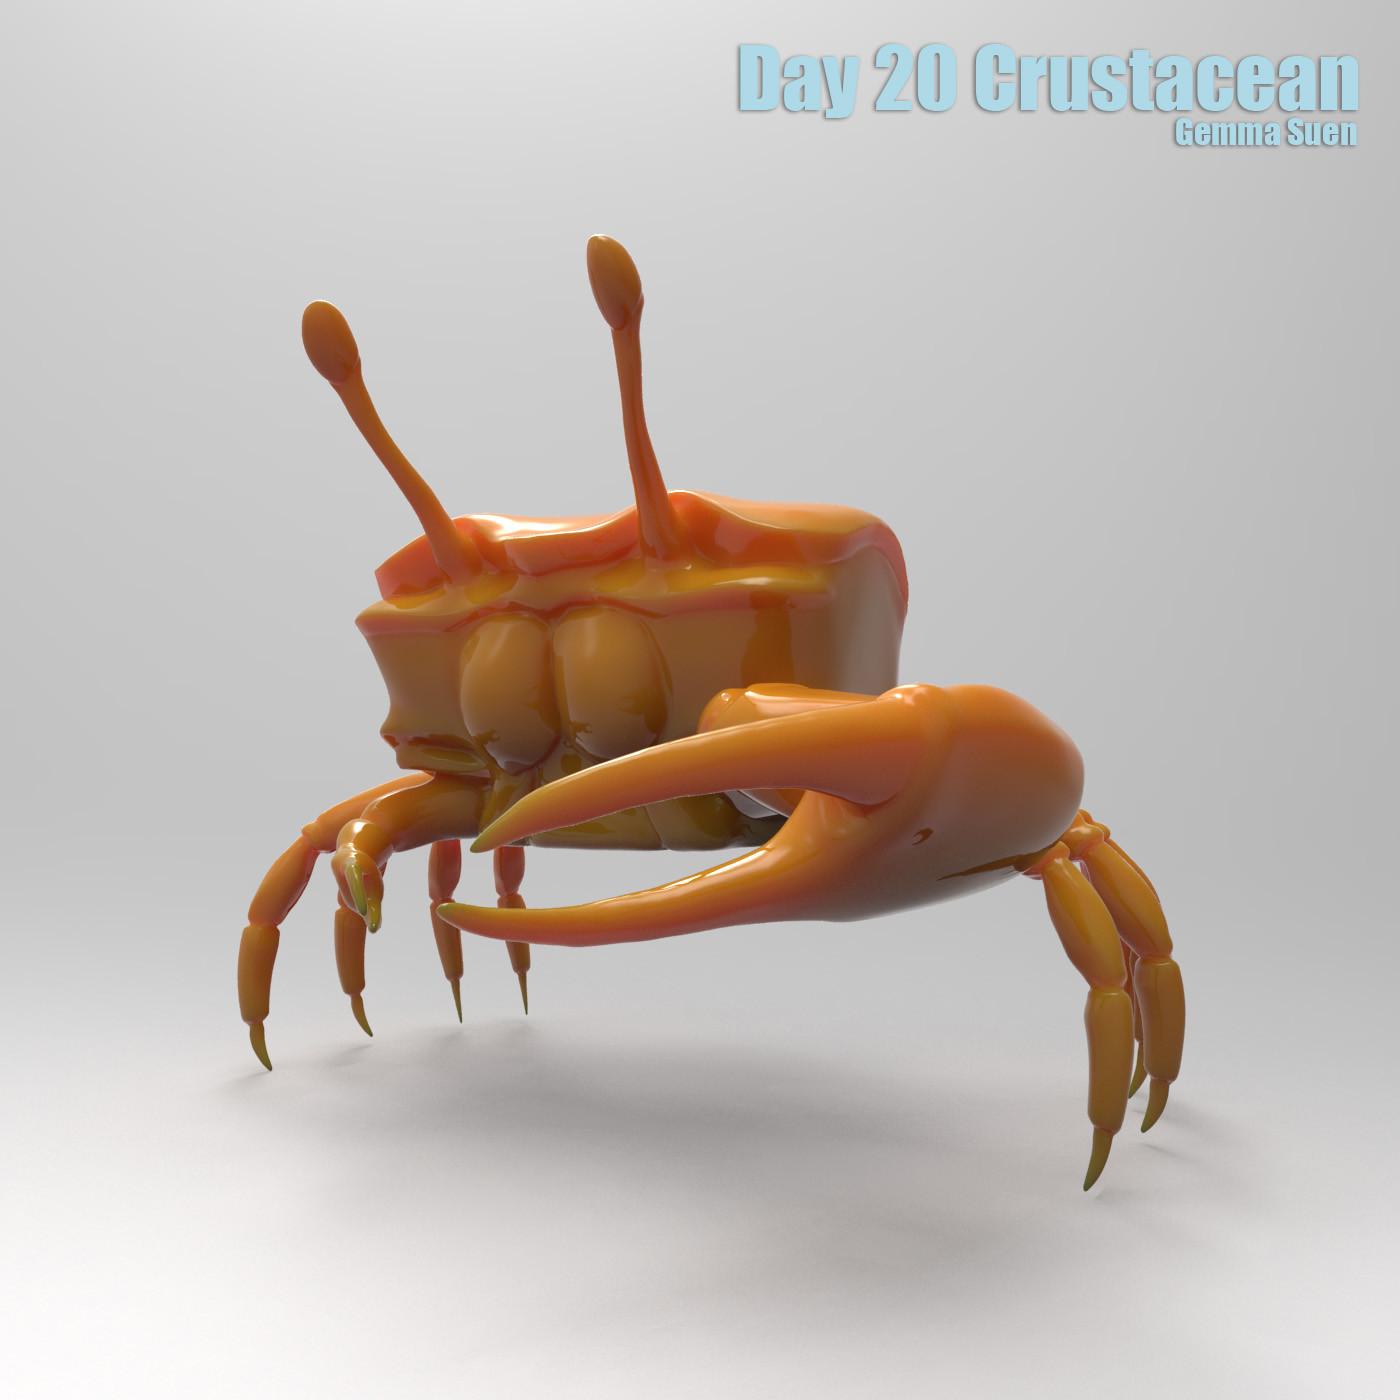 Gemma suen day20 crustacean